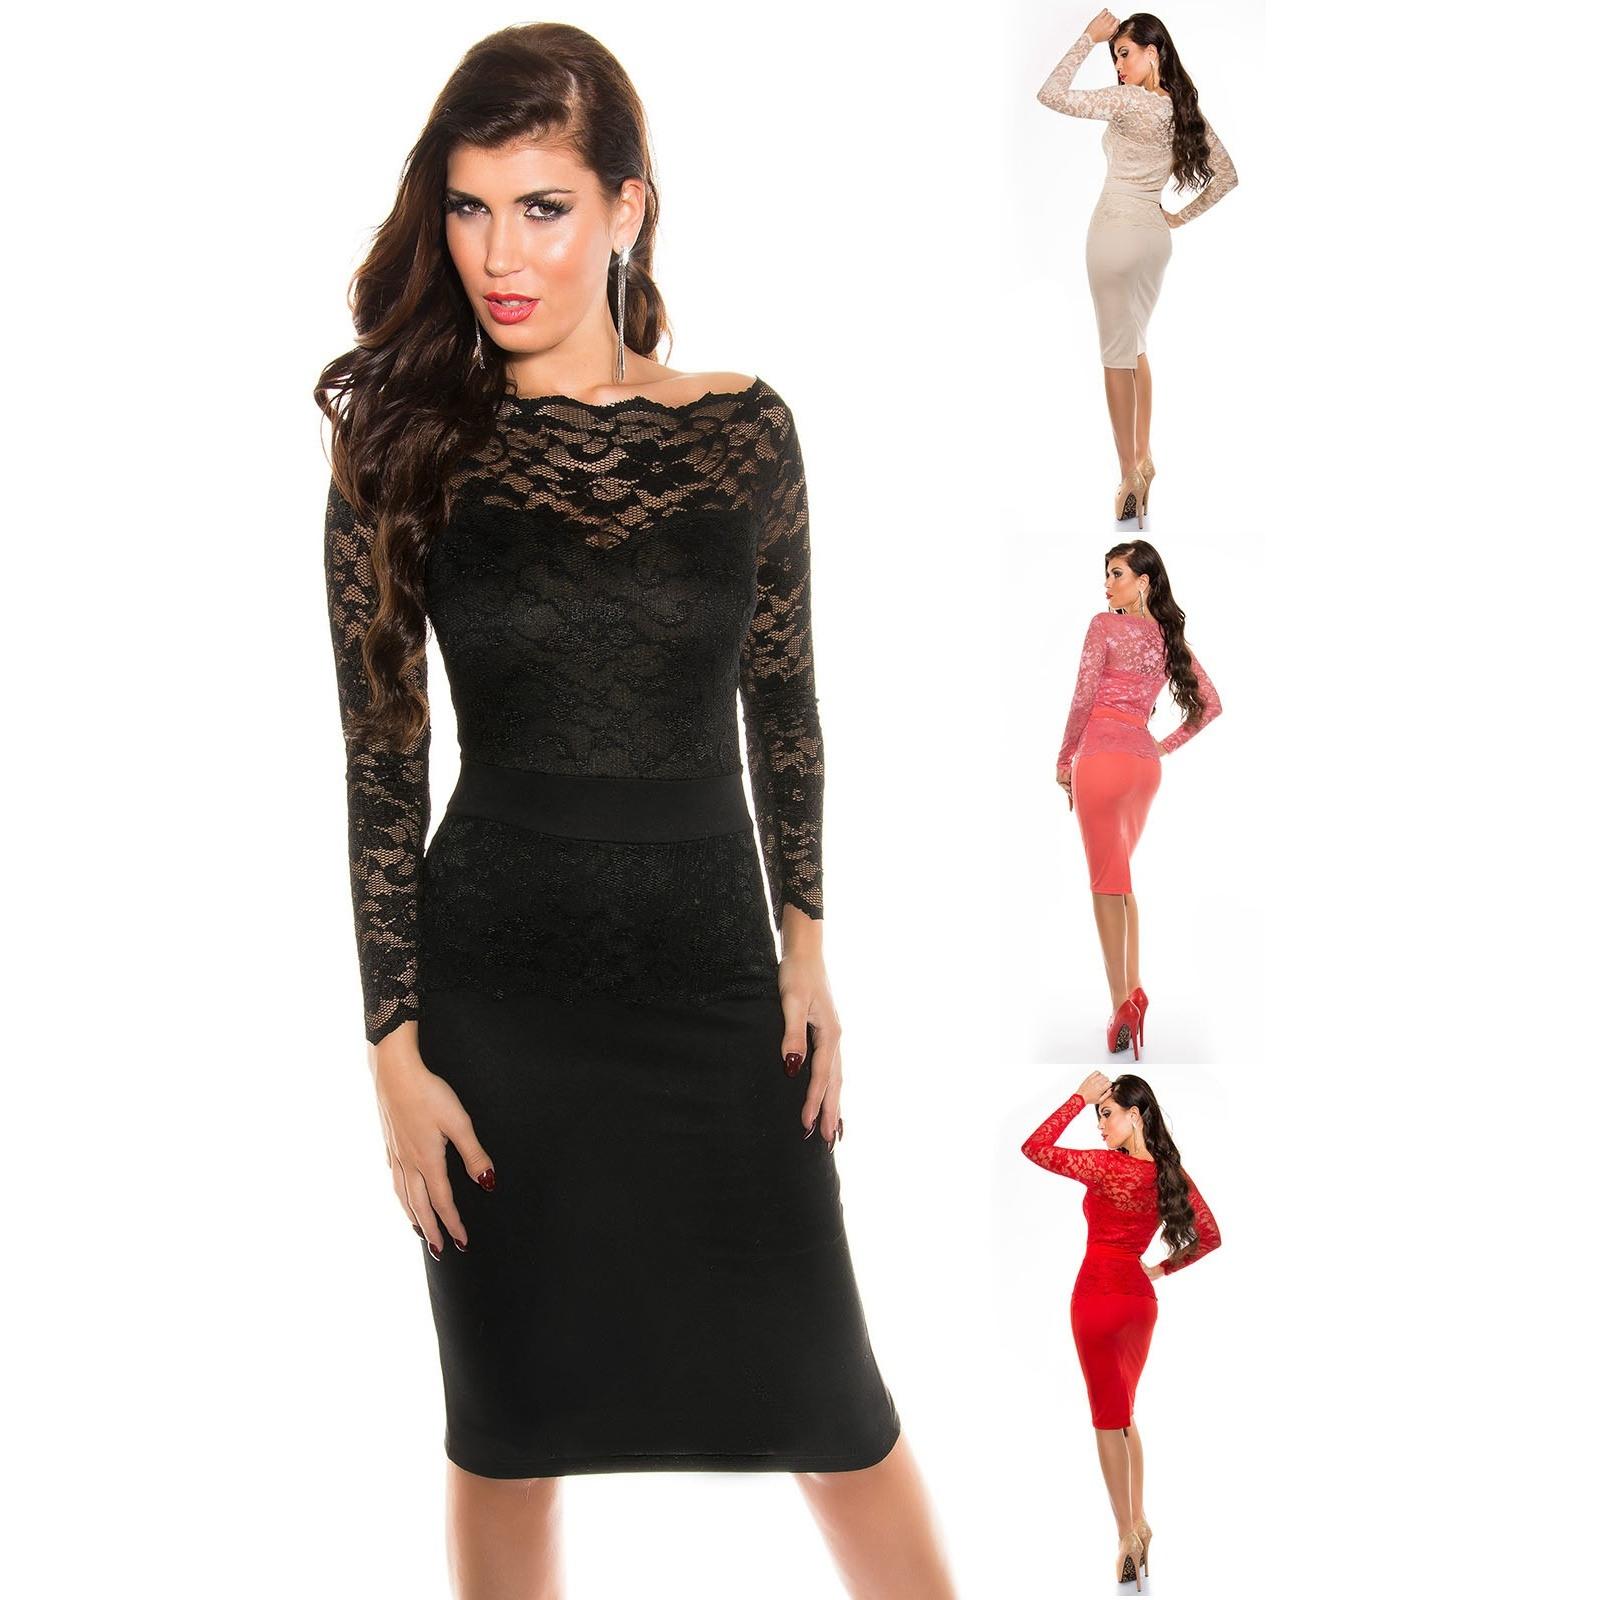 Formal Kreativ Kleid Midi Schwarz Design10 Genial Kleid Midi Schwarz Stylish